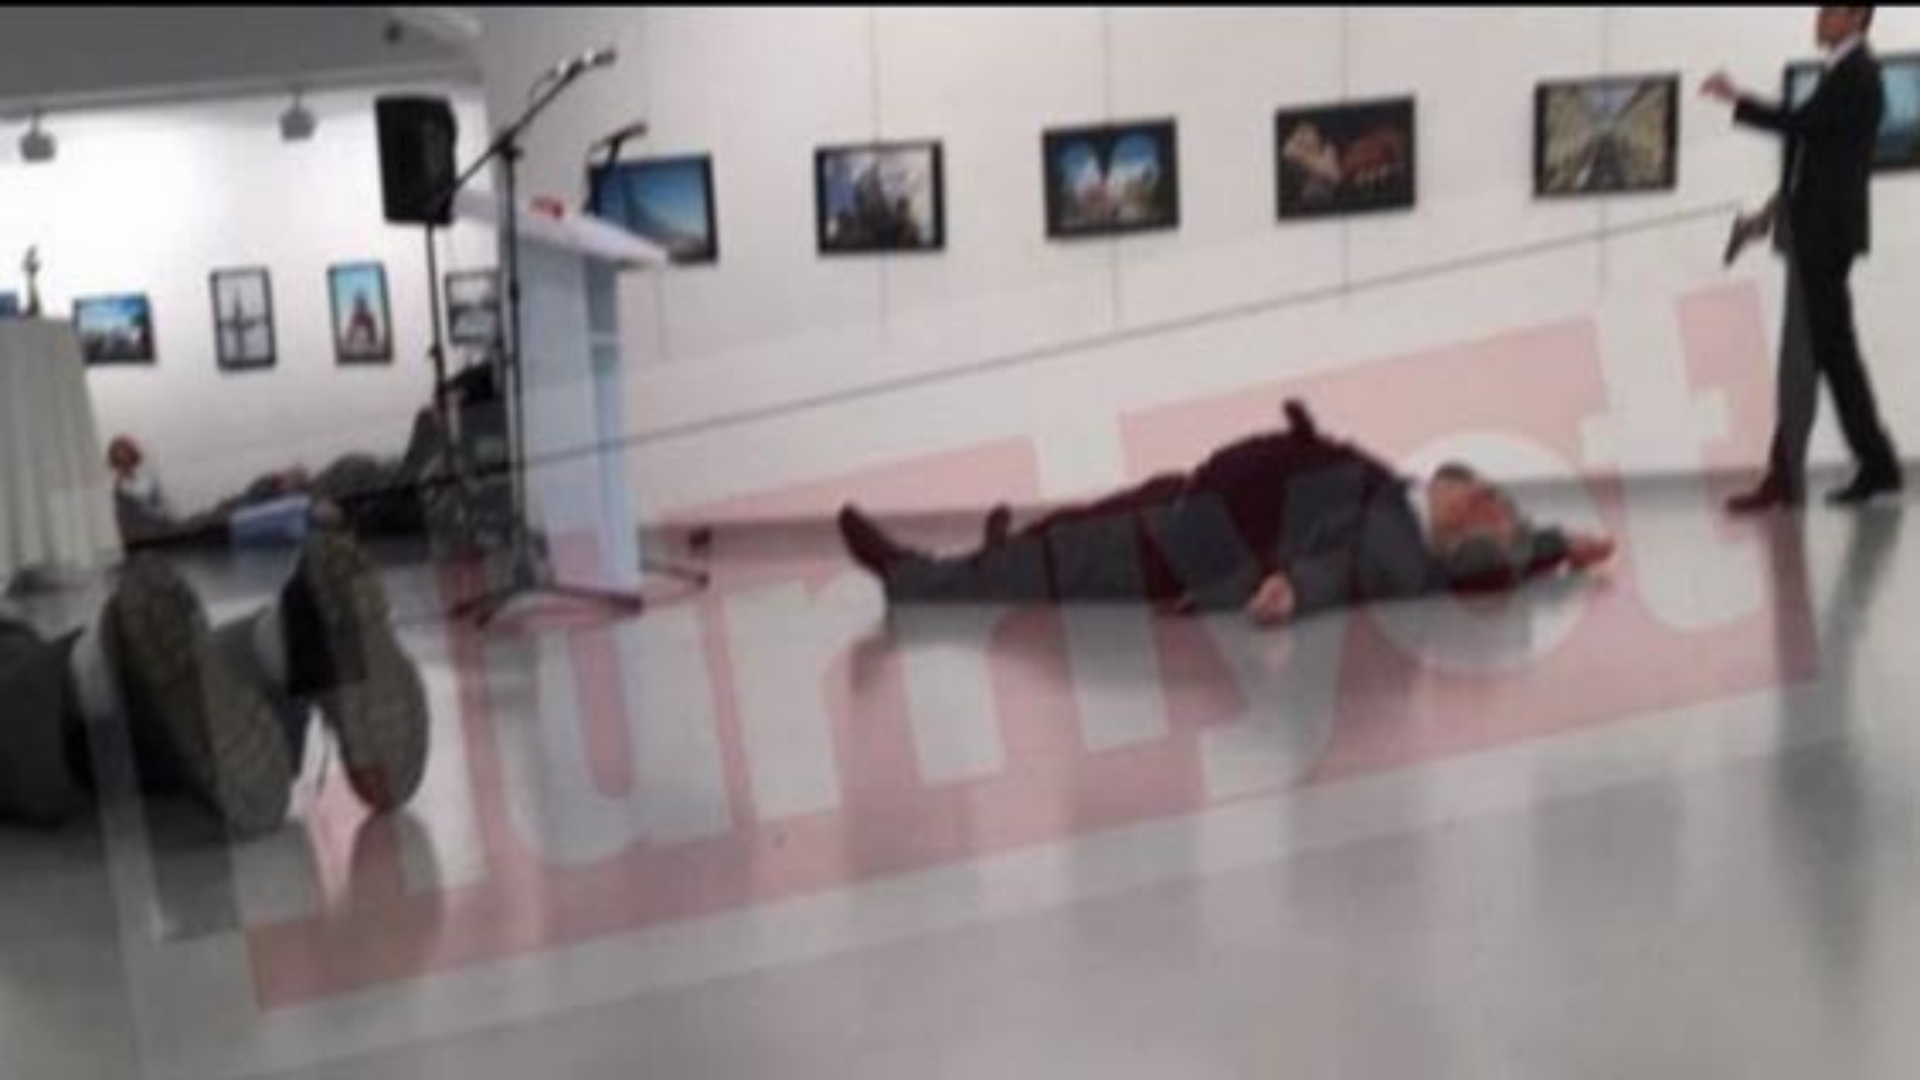 ترور سفیر روسیه در ترکیه؛ سفیر روسیه در گالری هنری آنکارا ترور شد | فیلم